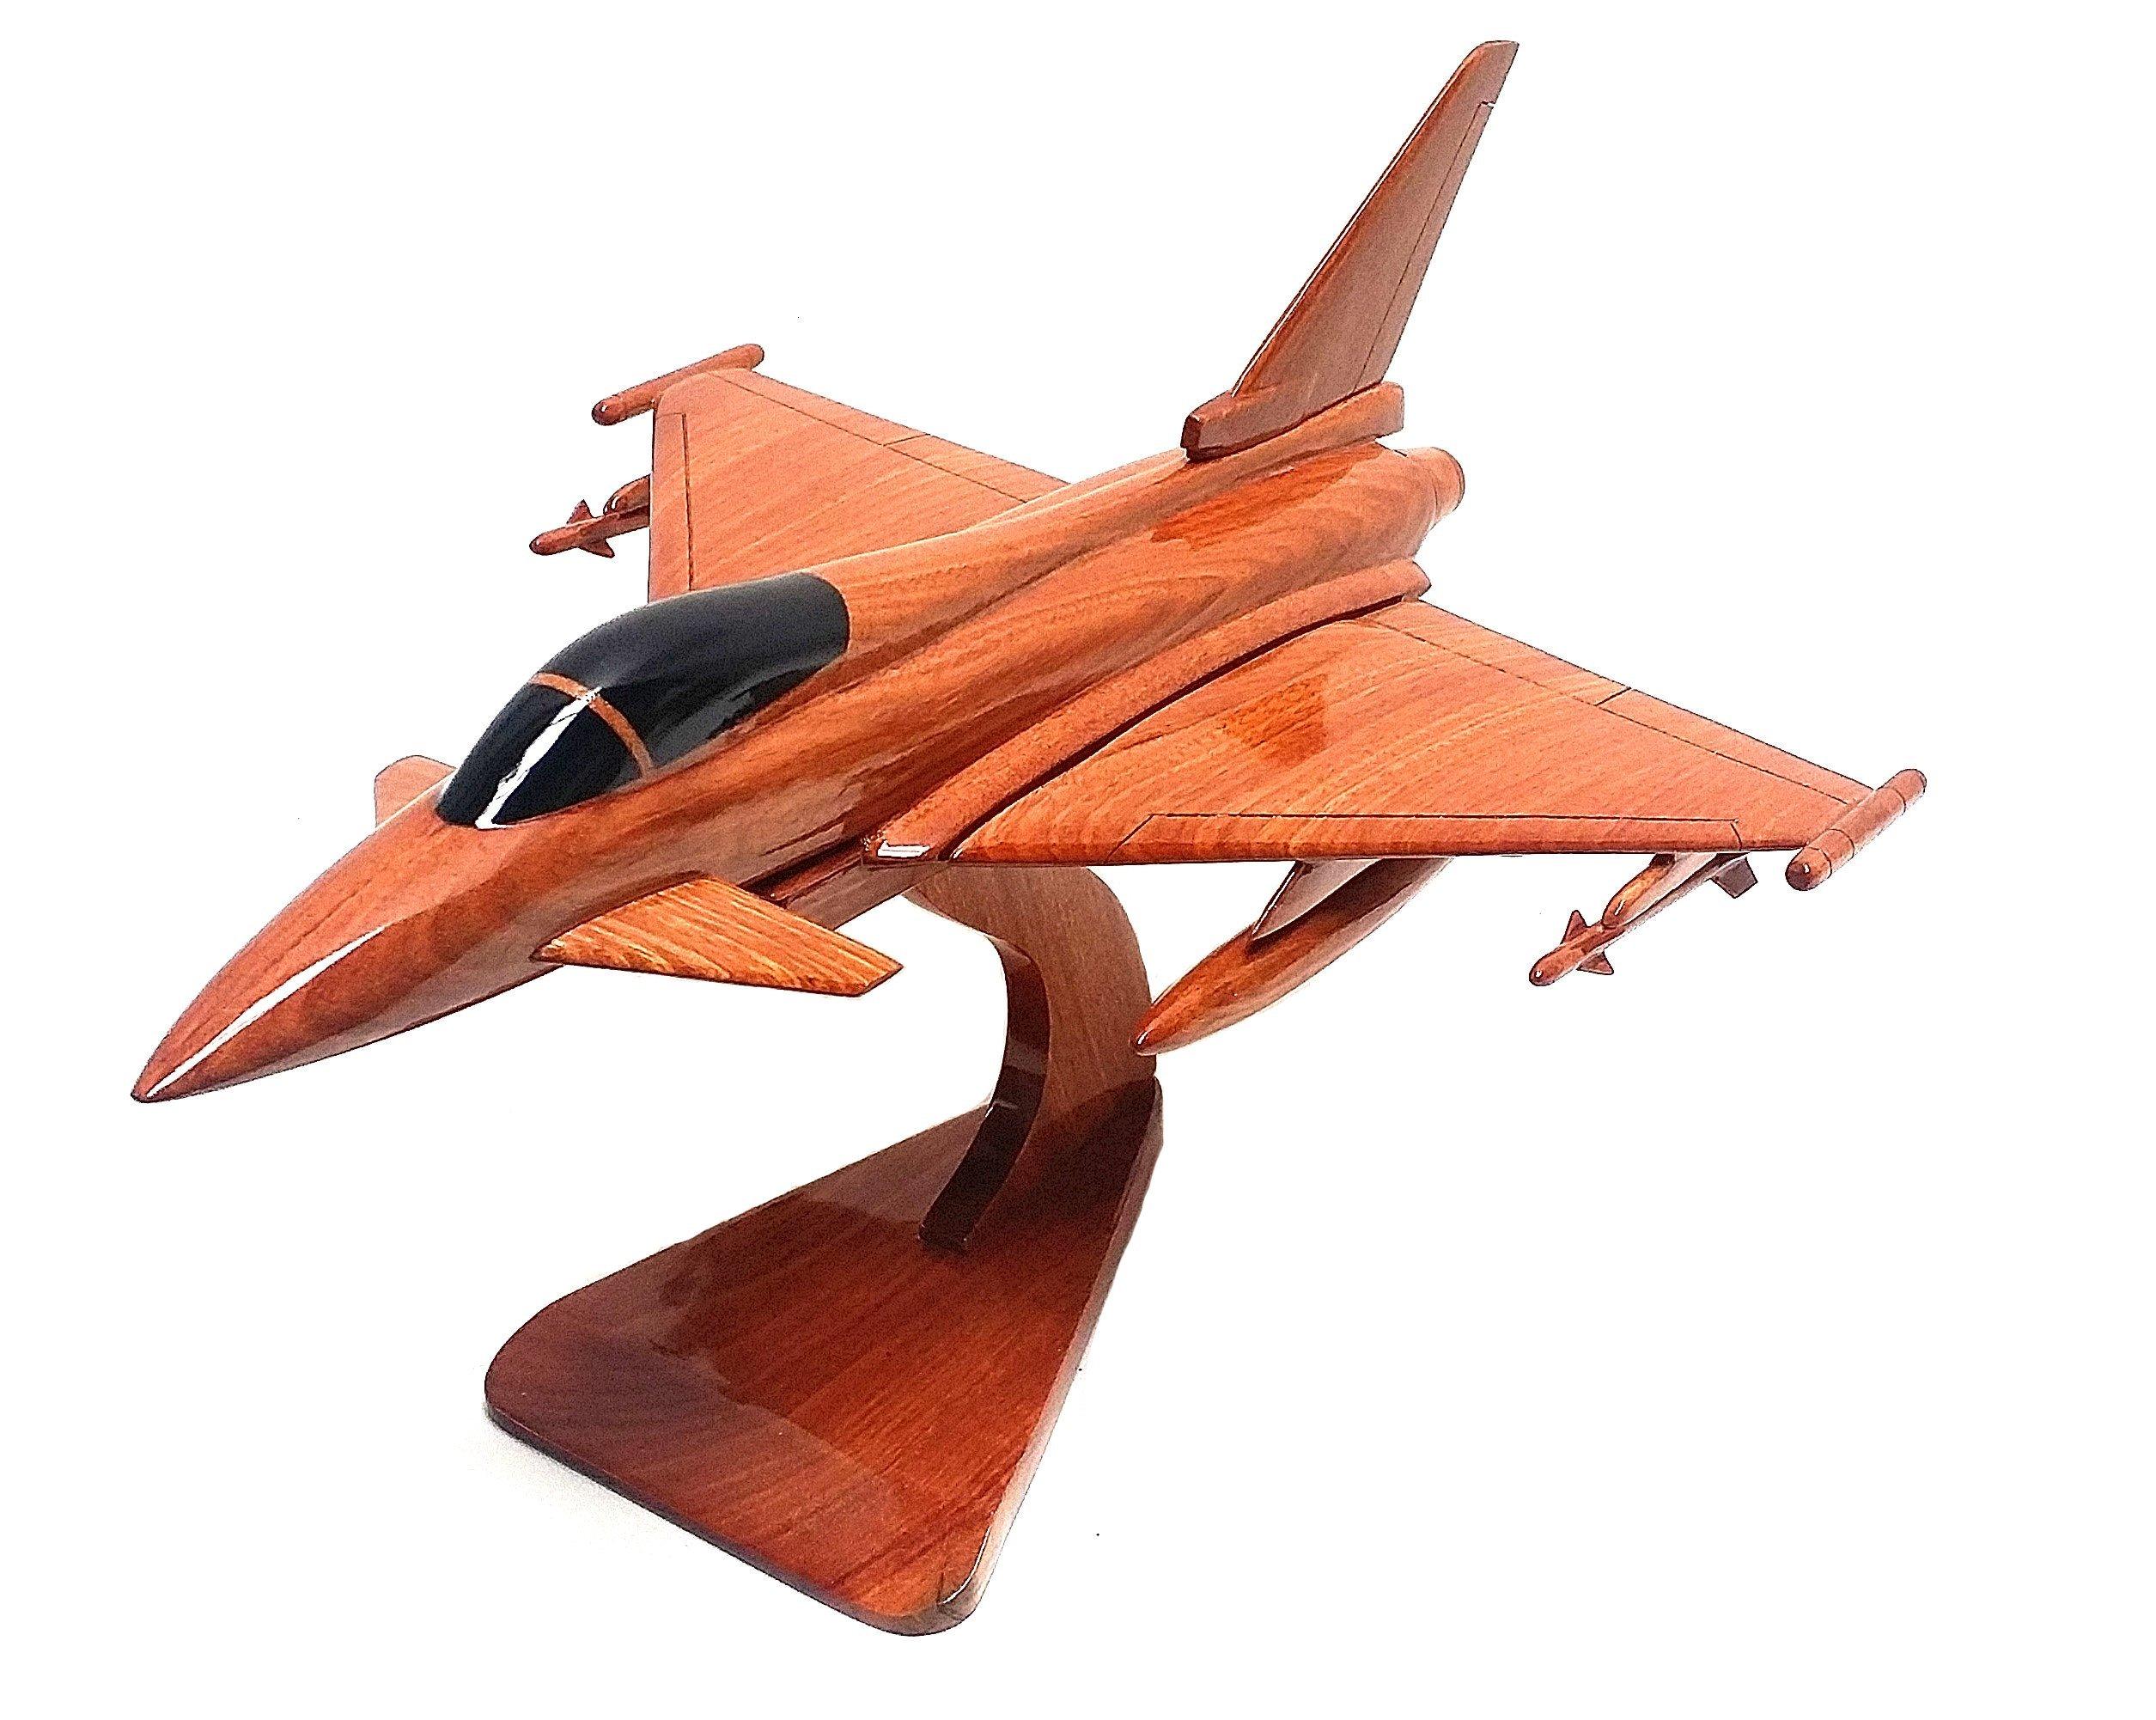 Eurofighter Typhoon EF2000 multifunción fighter Jet Military - - de sobremesa de madera con funda (madera de caoba): Amazon.es: Hogar